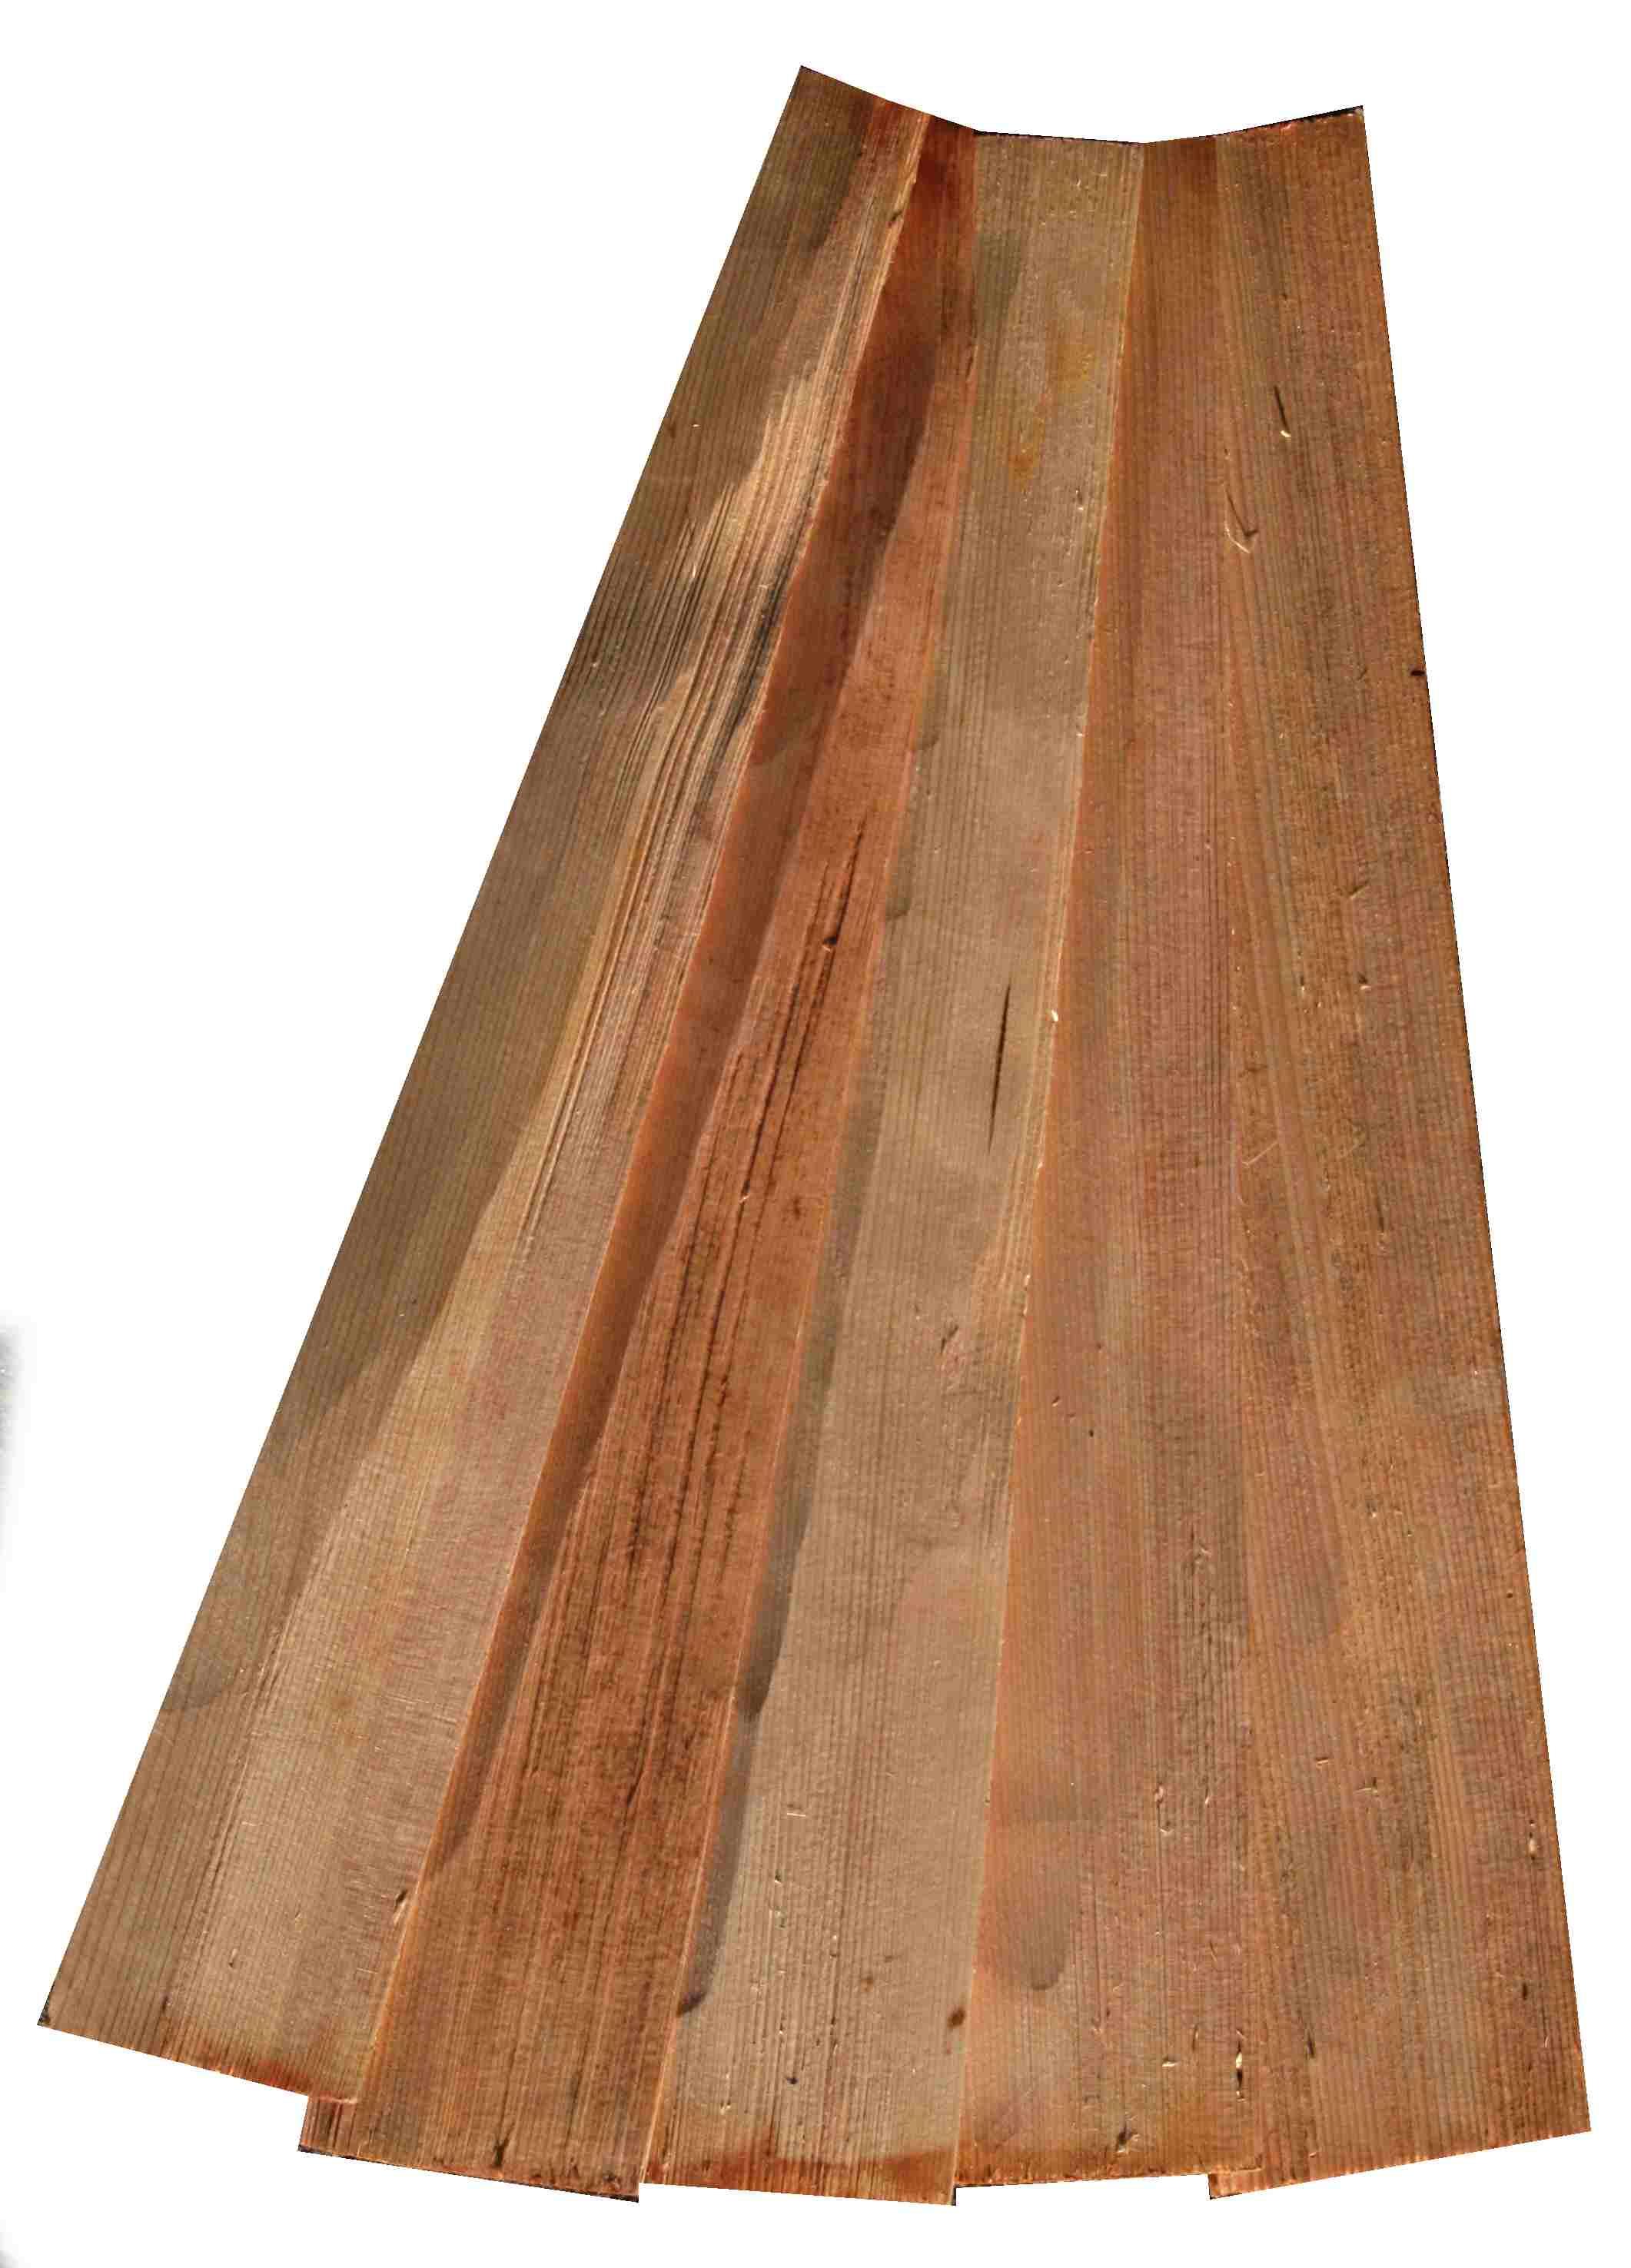 Konický šindel dřevěný 60 cm, drdlik